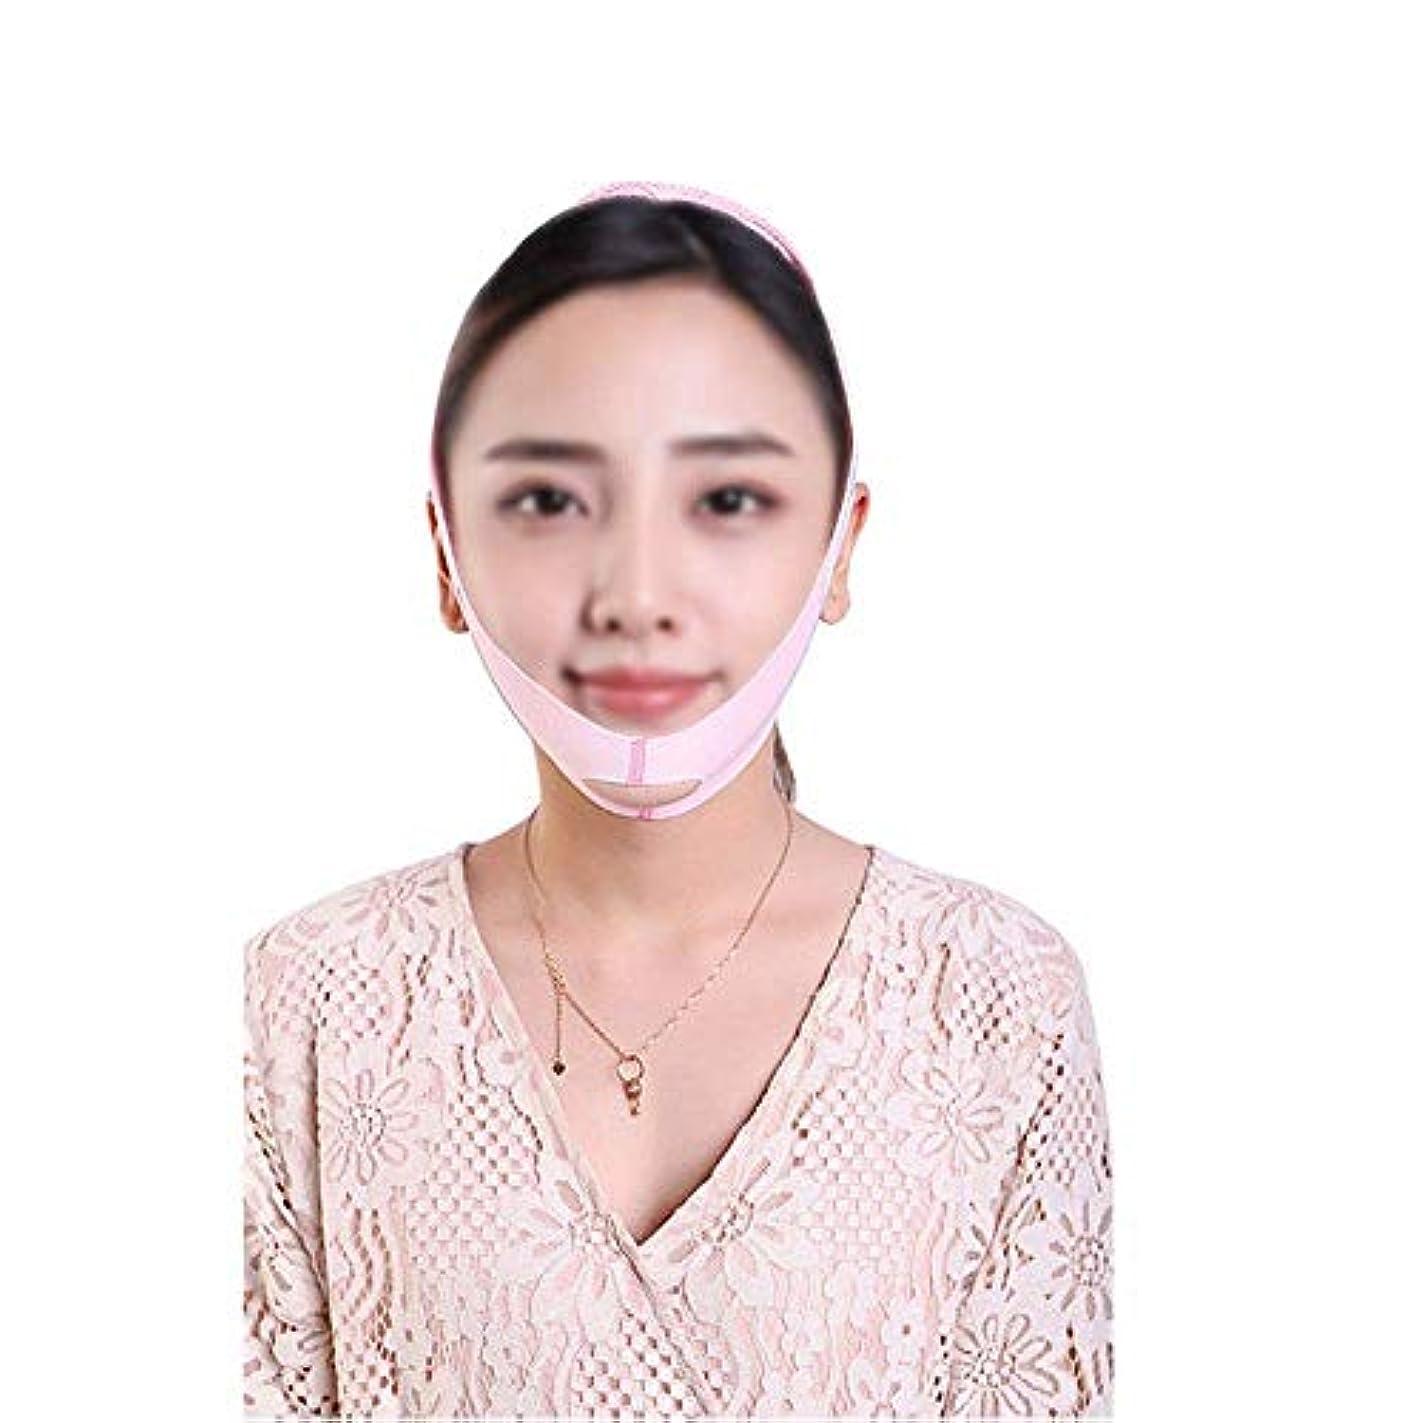 ベンチャー旅行代理店コインフェイスリフティングマスク、引き締めおよびリフティングアンチフェイスドループアーティファクトスモールVフェイスバンデージマスク